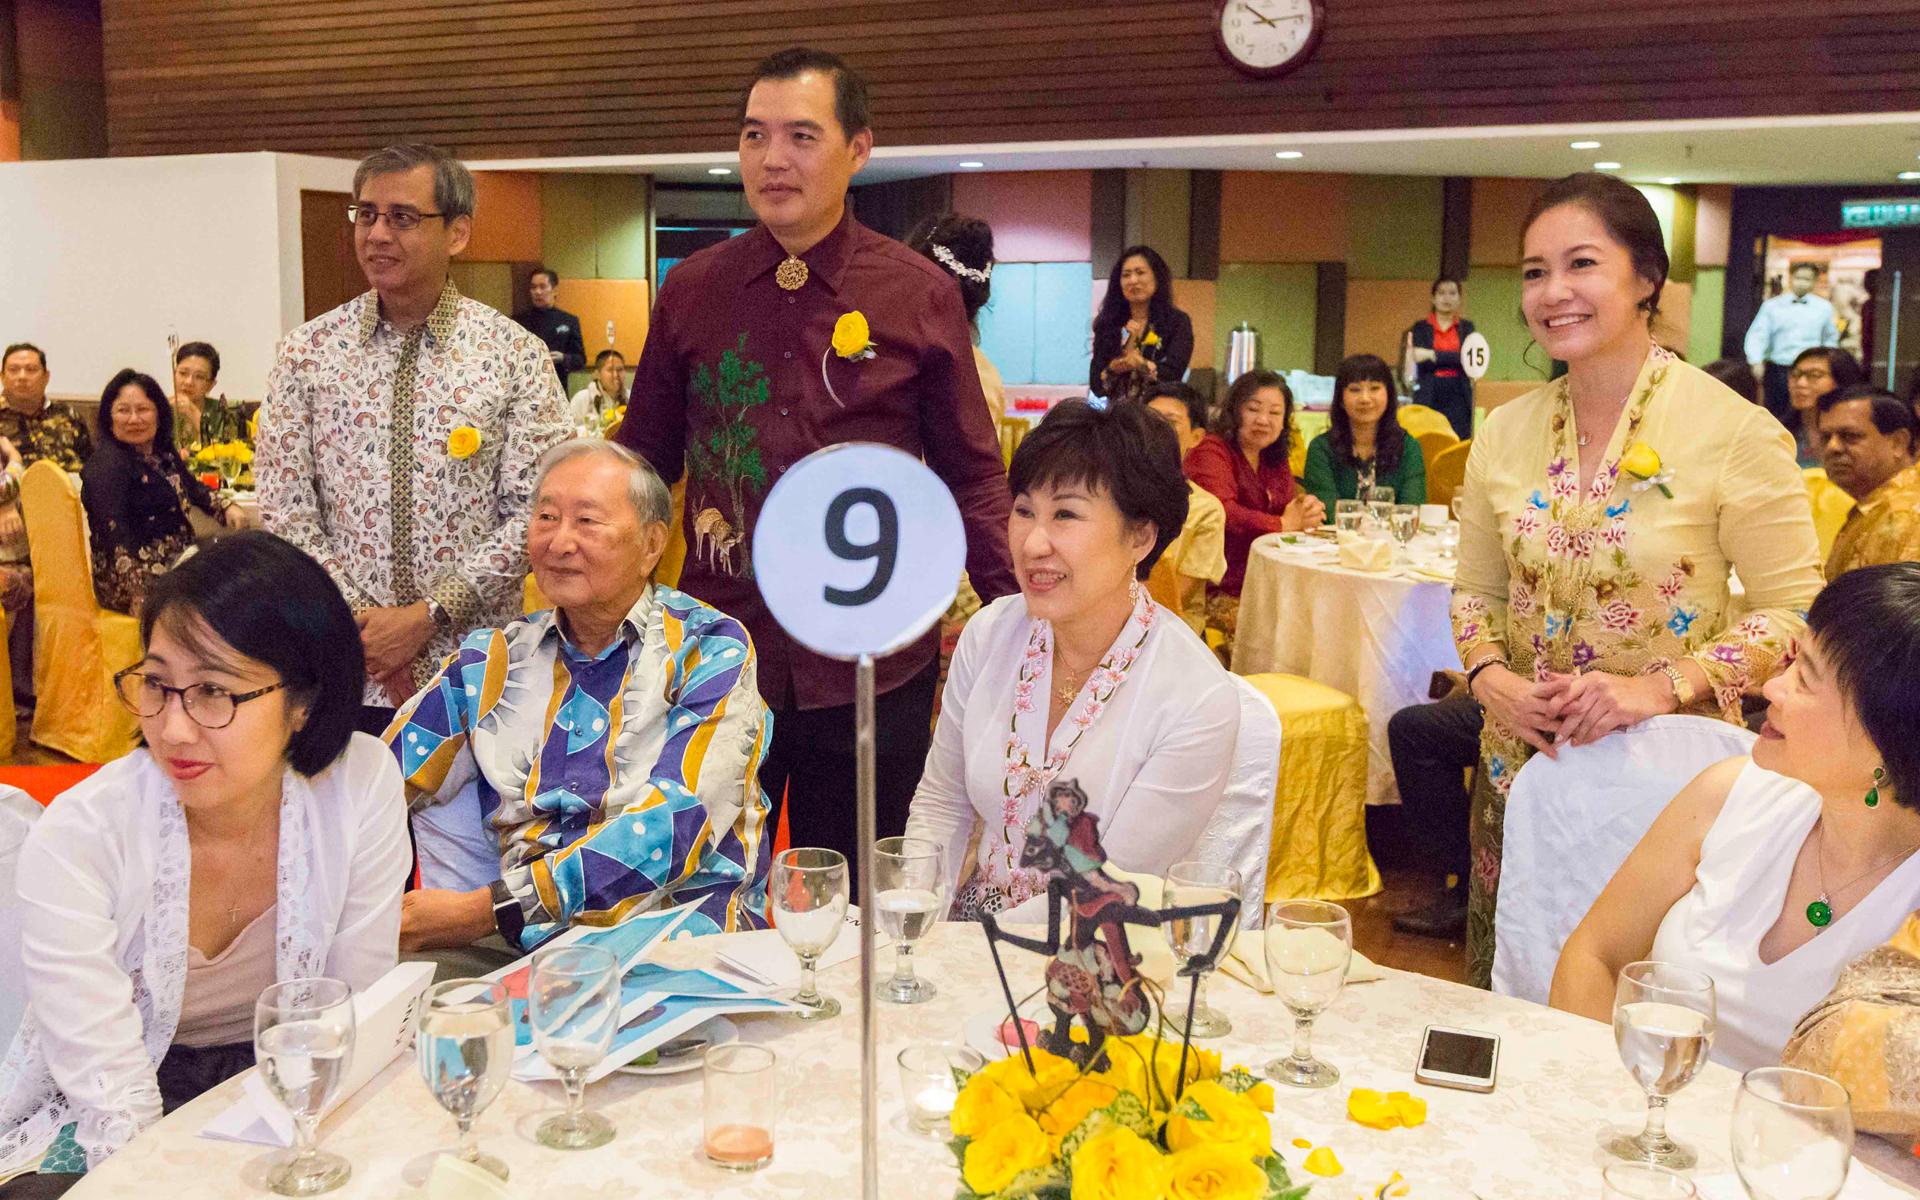 Melissa Chan, Peter Chua, Henry Chan, Cedric Tan,  Emily Lim and Nancy Chan